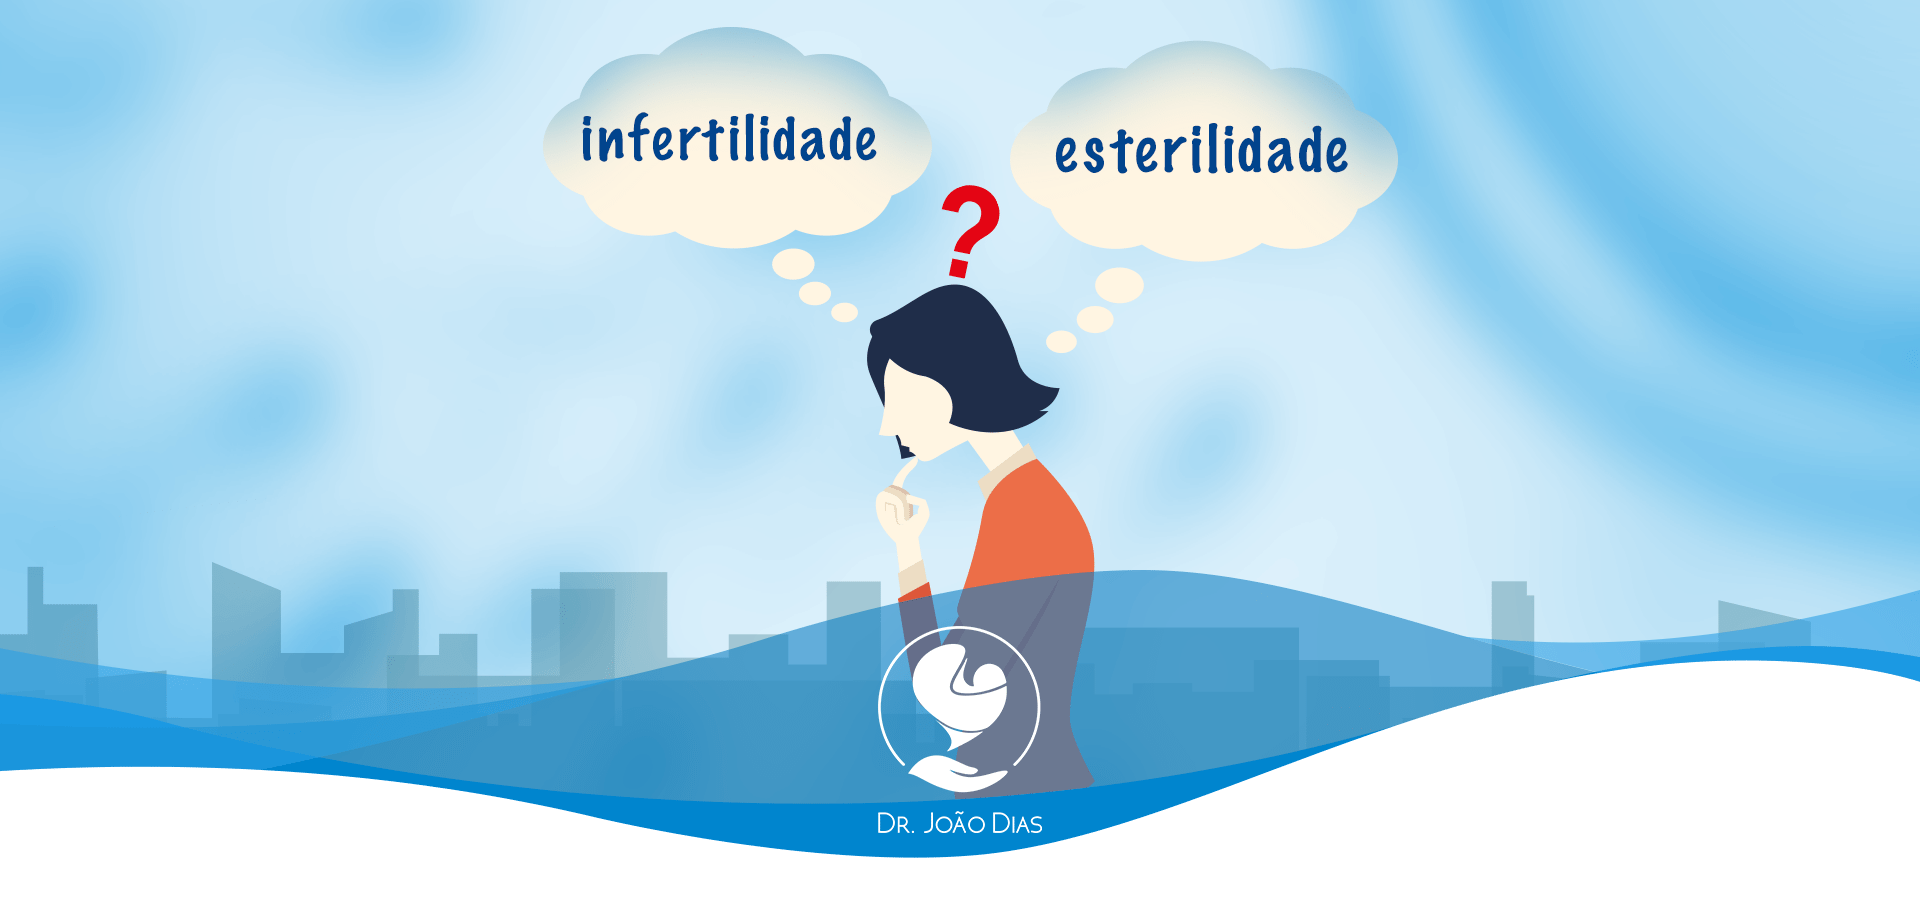 Qual a diferença entre infertilidade e esterilidade?